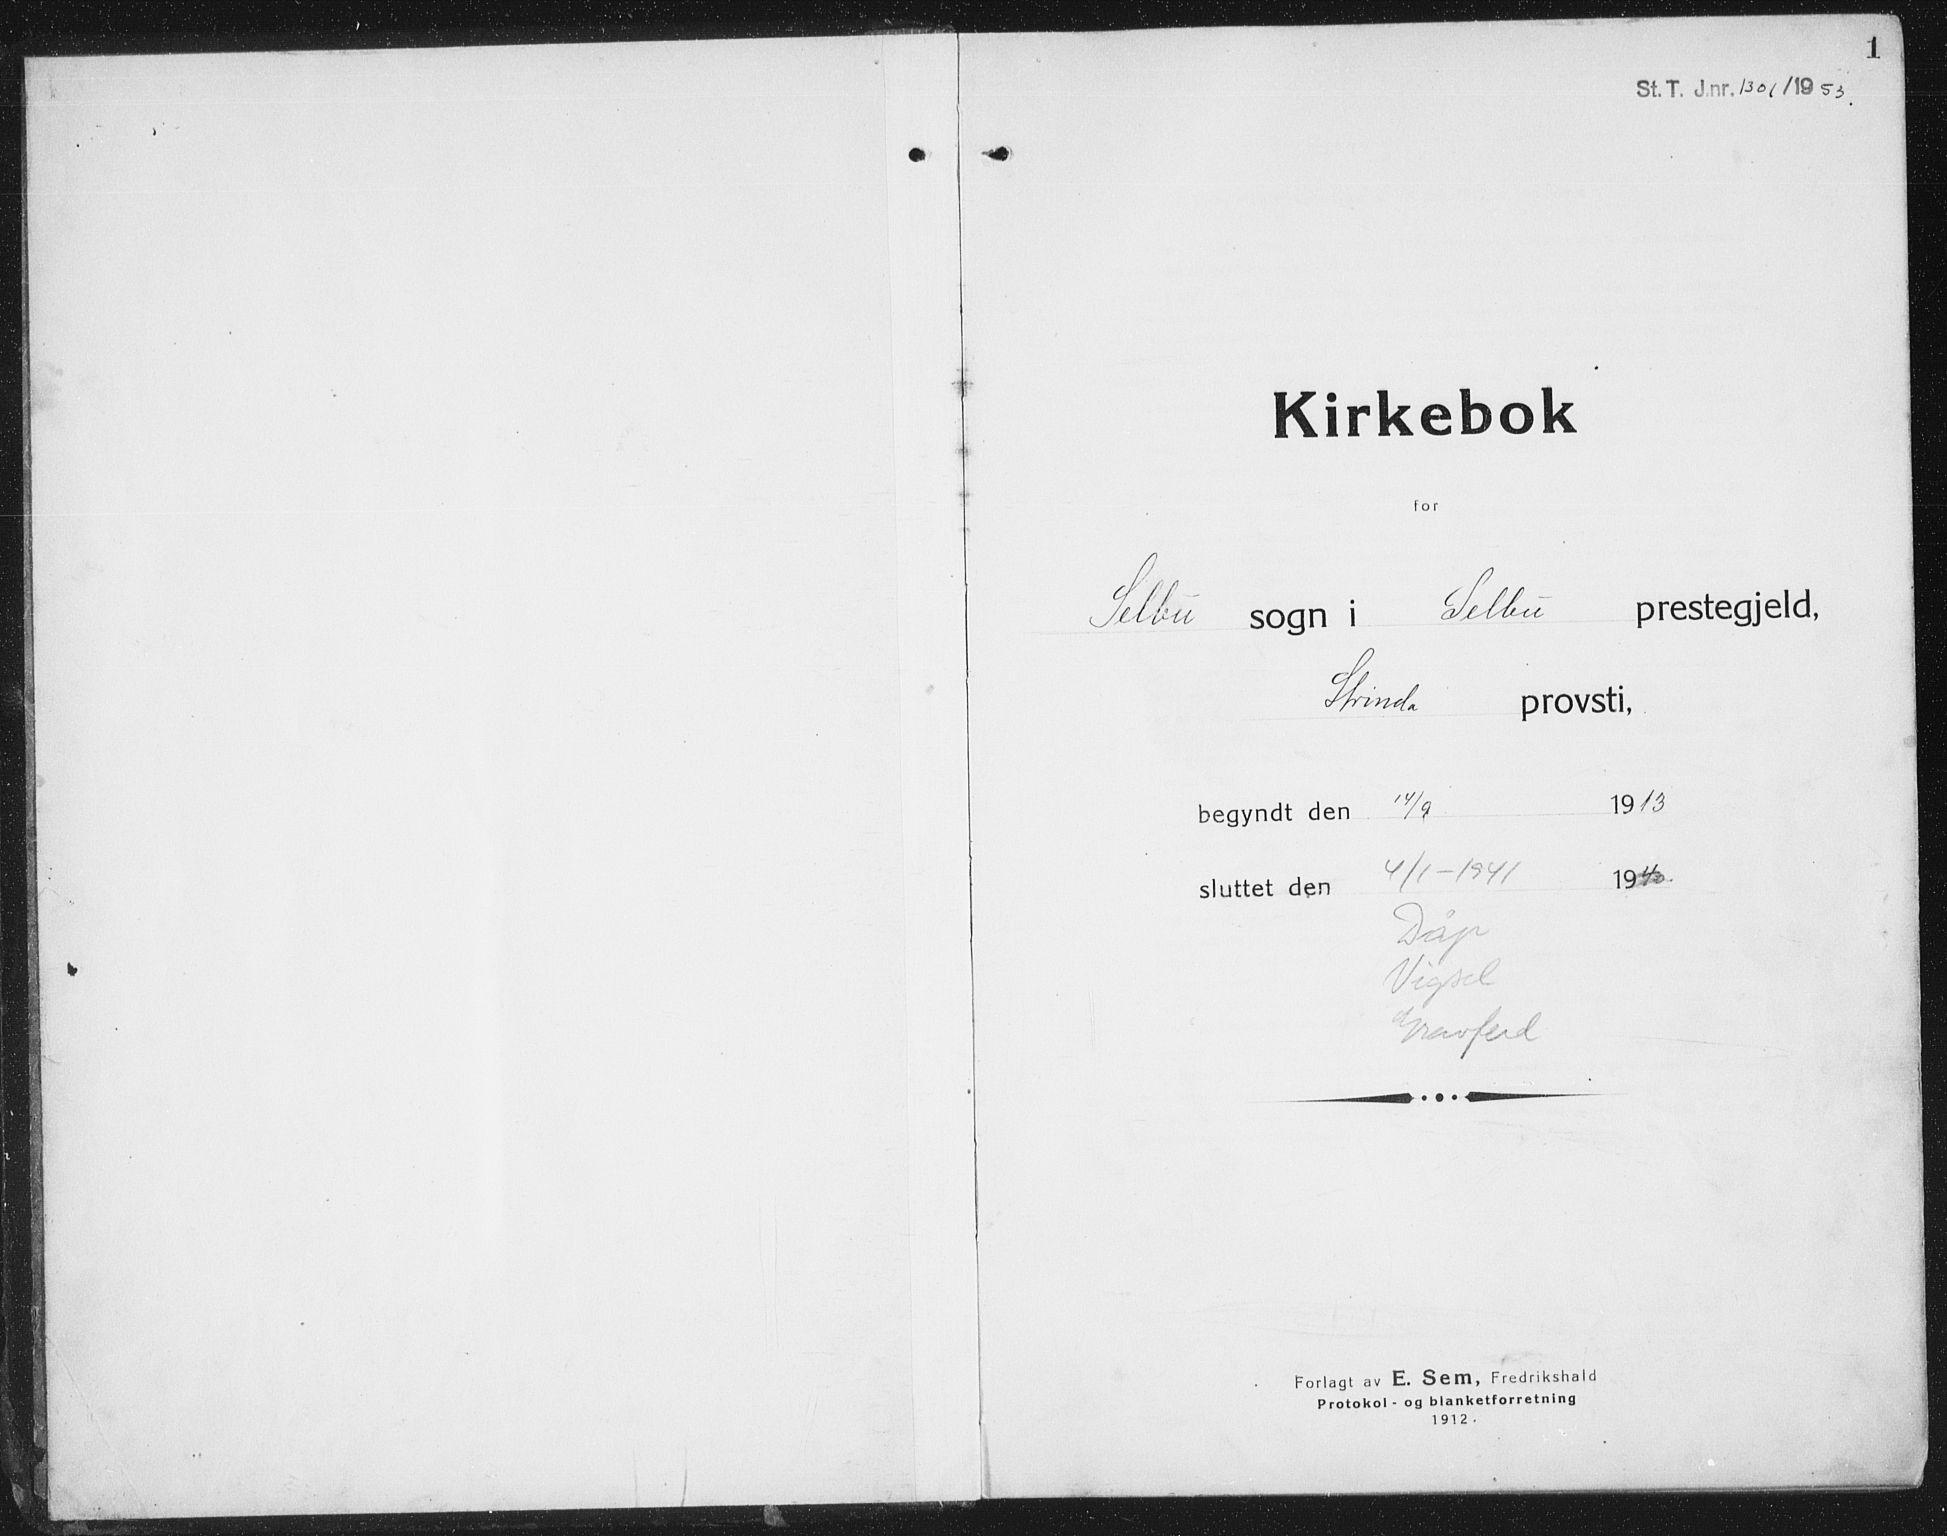 SAT, Ministerialprotokoller, klokkerbøker og fødselsregistre - Sør-Trøndelag, 695/L1158: Klokkerbok nr. 695C09, 1913-1940, s. 1